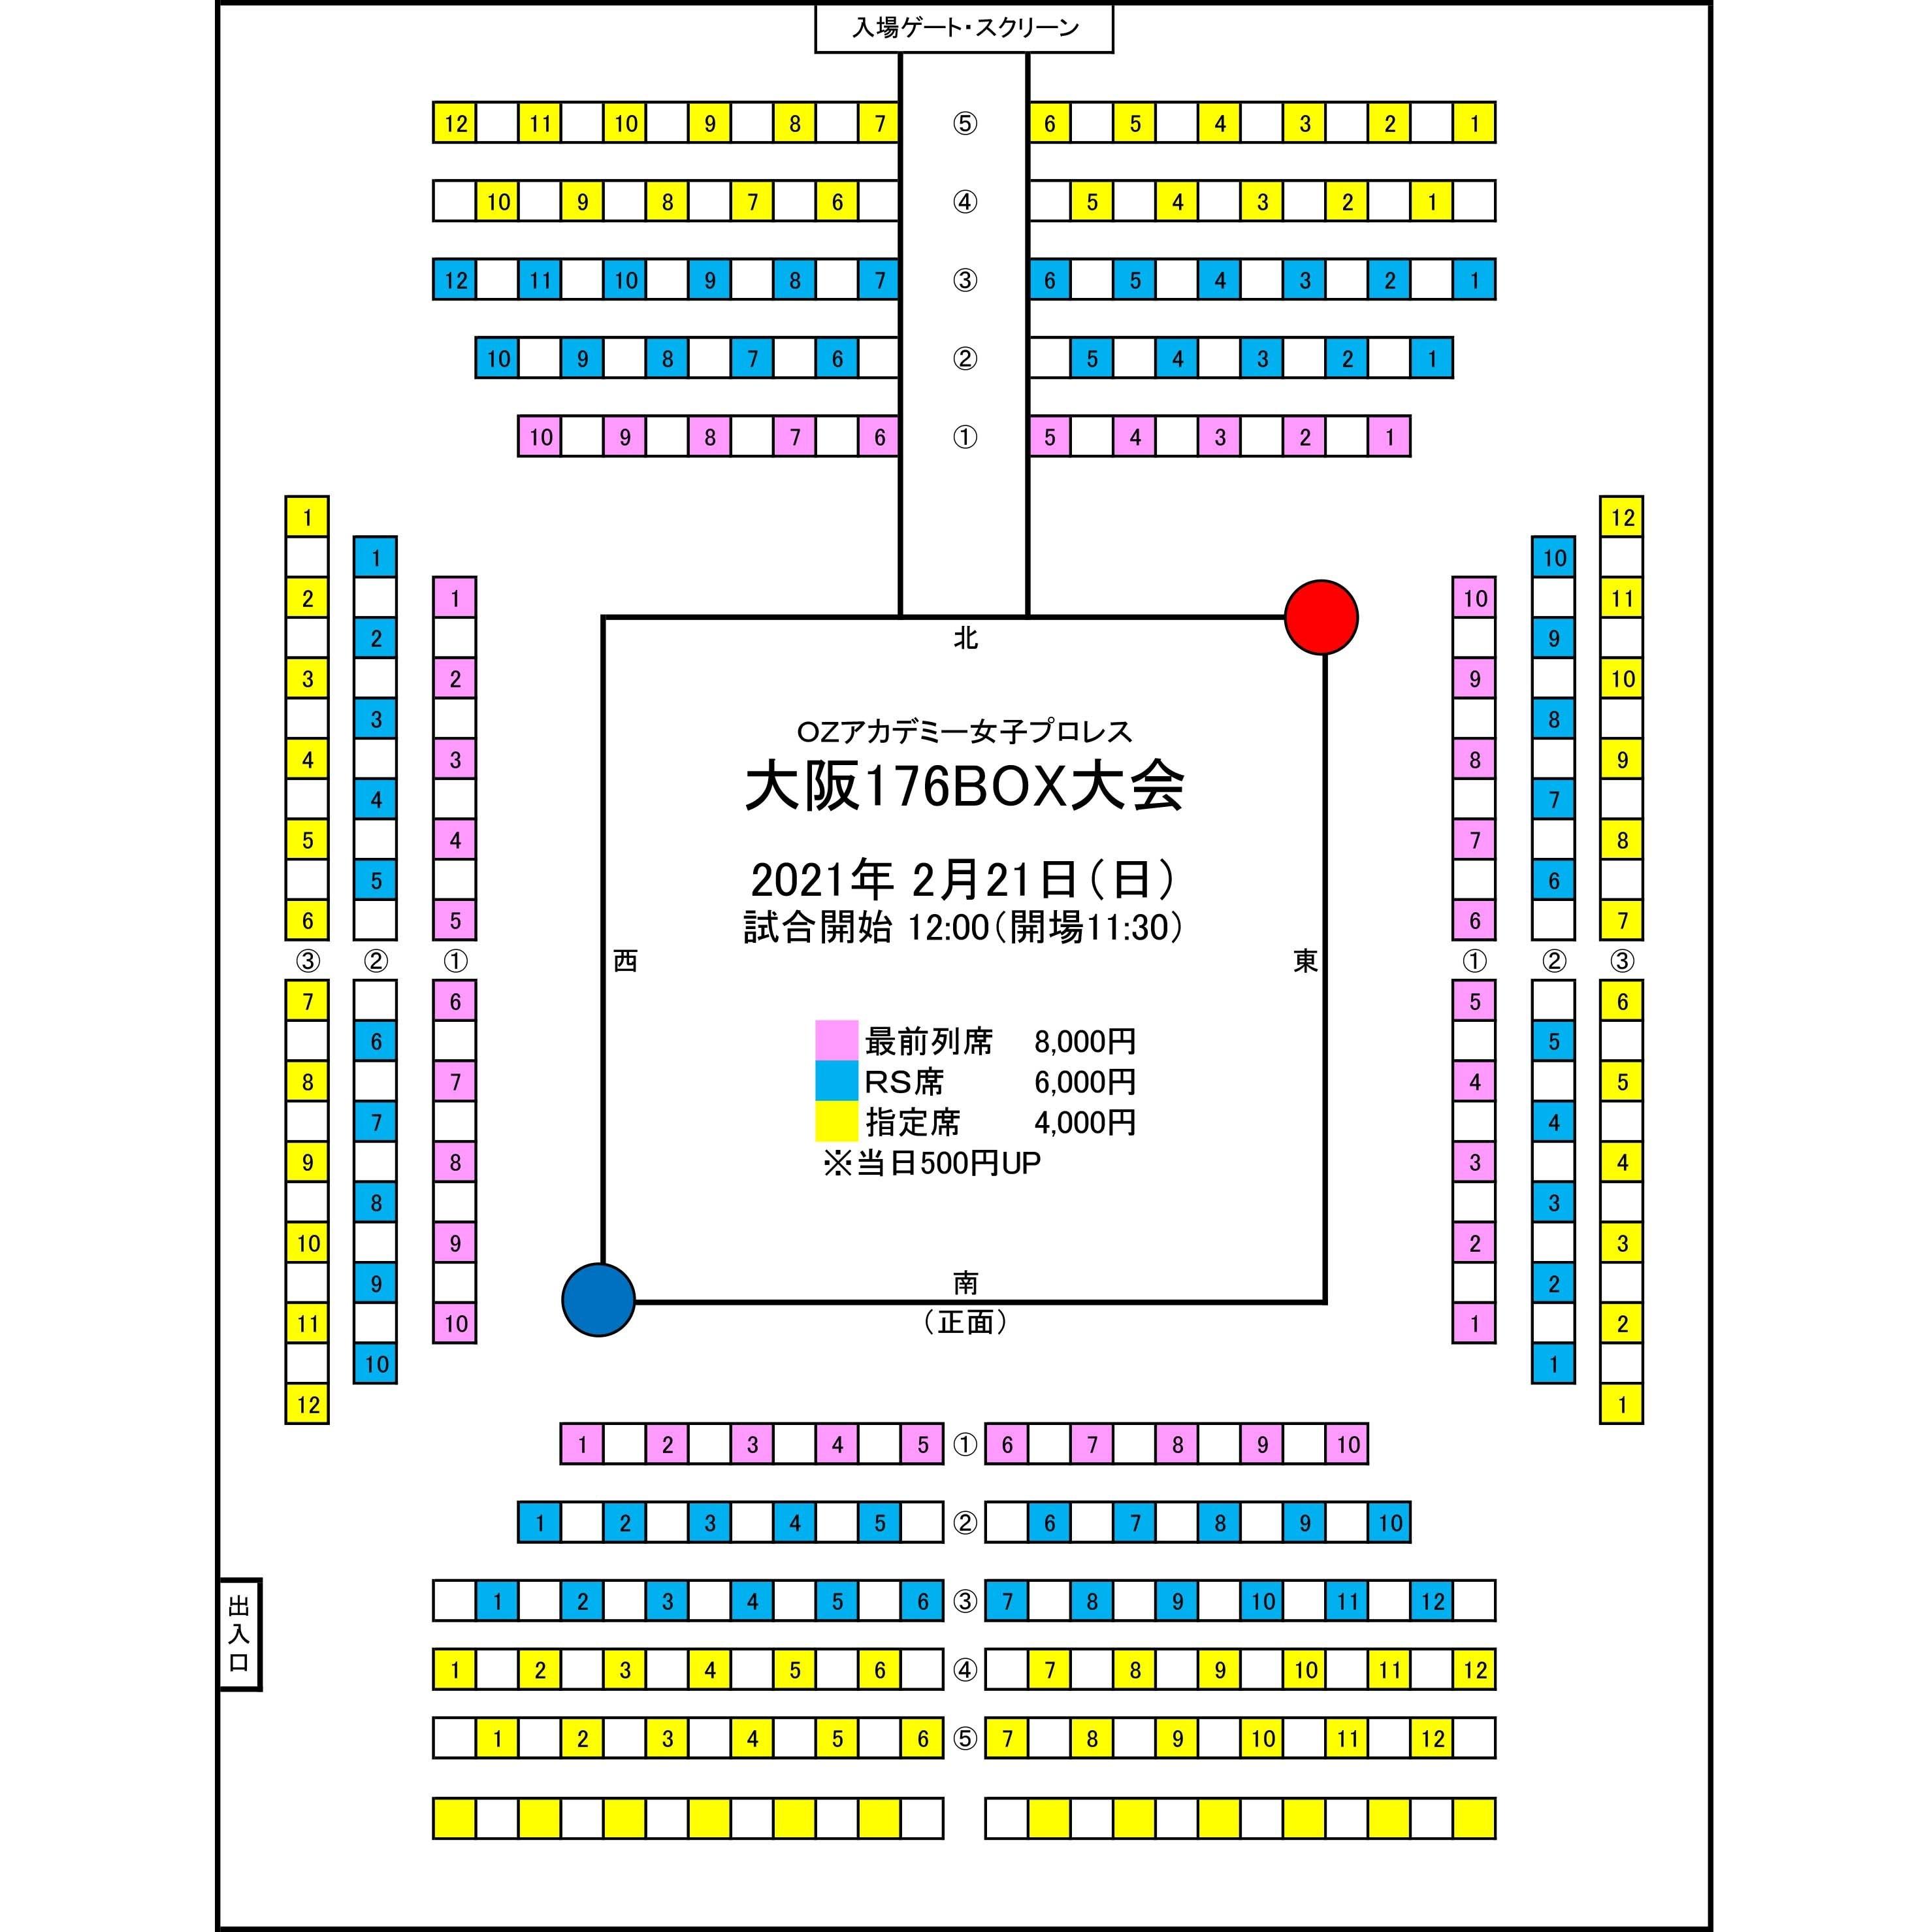 5月23日(日)大阪 176BOX[RS席]のイメージその2